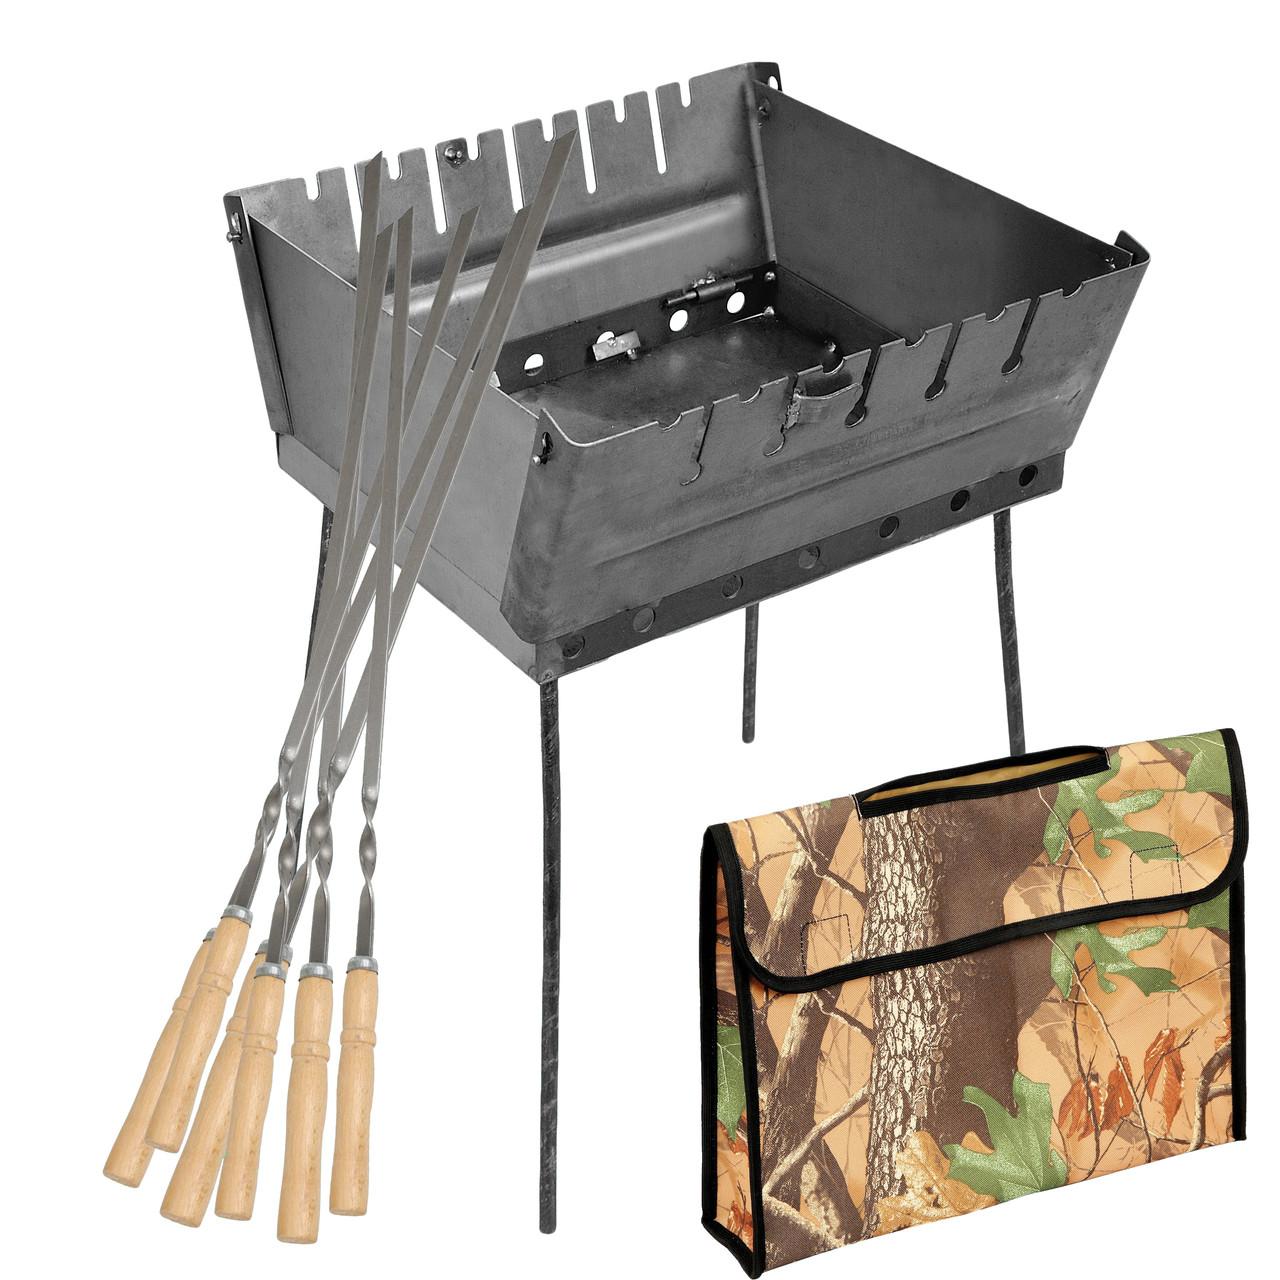 Мангал - чемодан 2 мм на 6 шампуров 370х350х160мм + Чехол + Набор шампуров